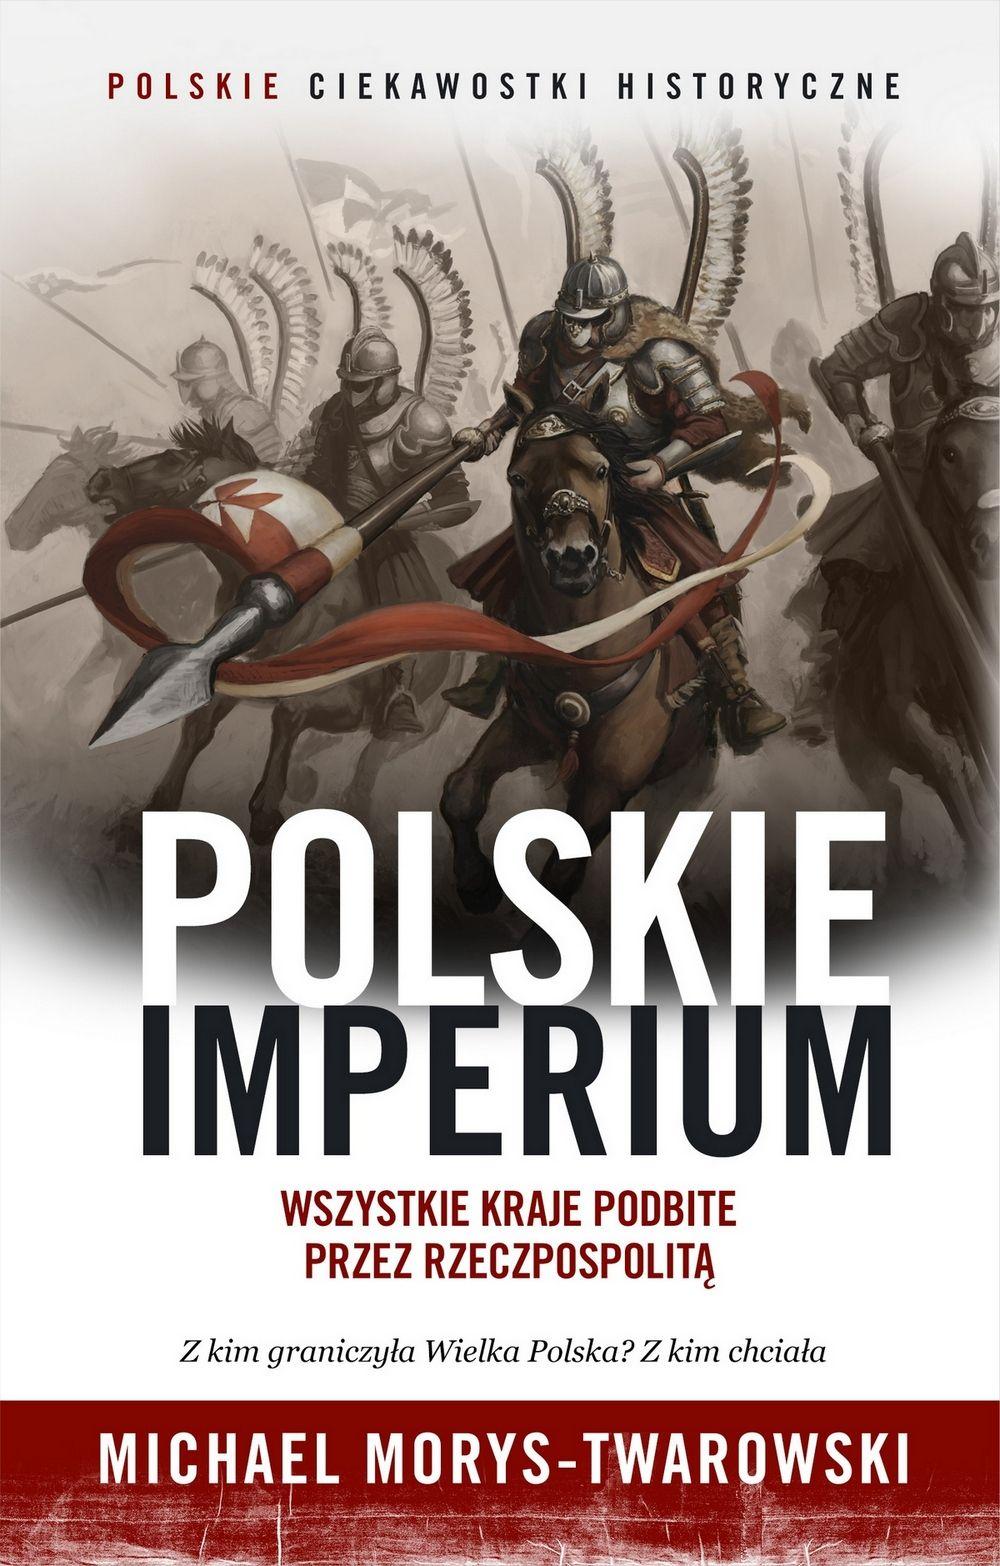 """Artykuł powstał w oparciu o materiały zebranie w tracie pisania książki """"Polskie Imperium. Wszystkie kraje podbite przez Rzeczpospolitą"""". Jest to najnowsza publikacja wydaną pod marką """"Ciekawostek historycznych""""."""